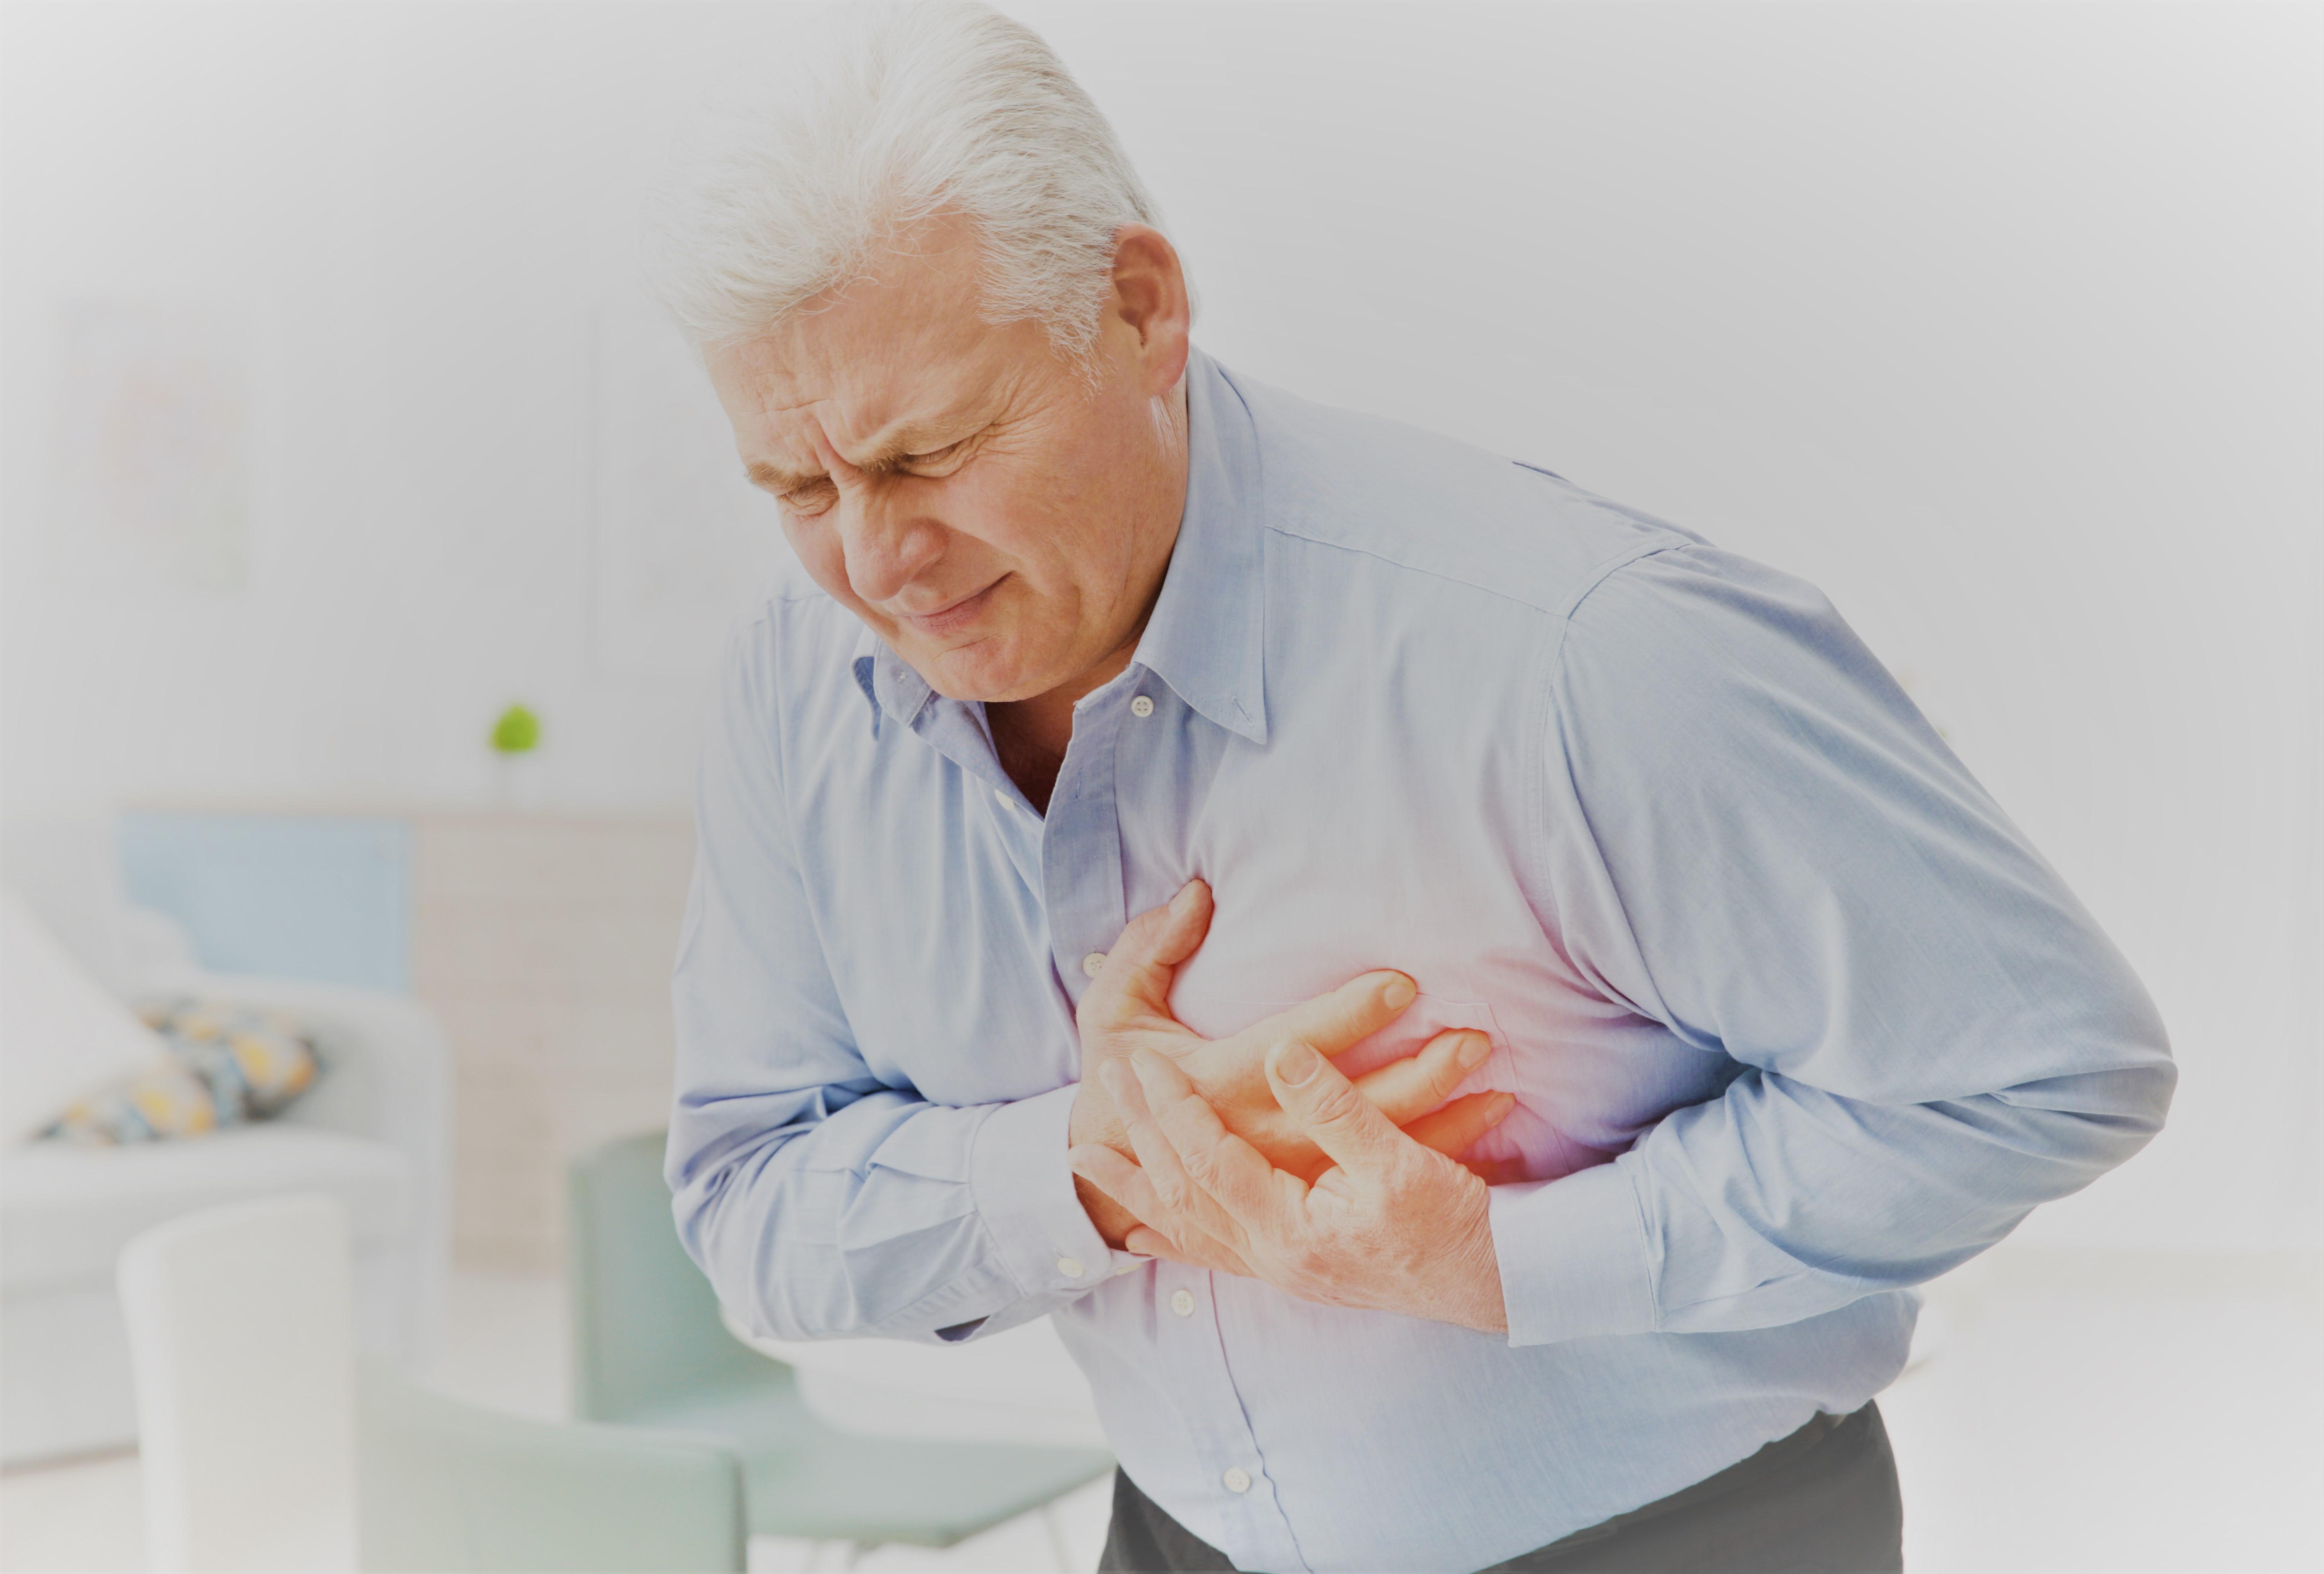 sürgős segítség ízületi fájdalmak esetén)